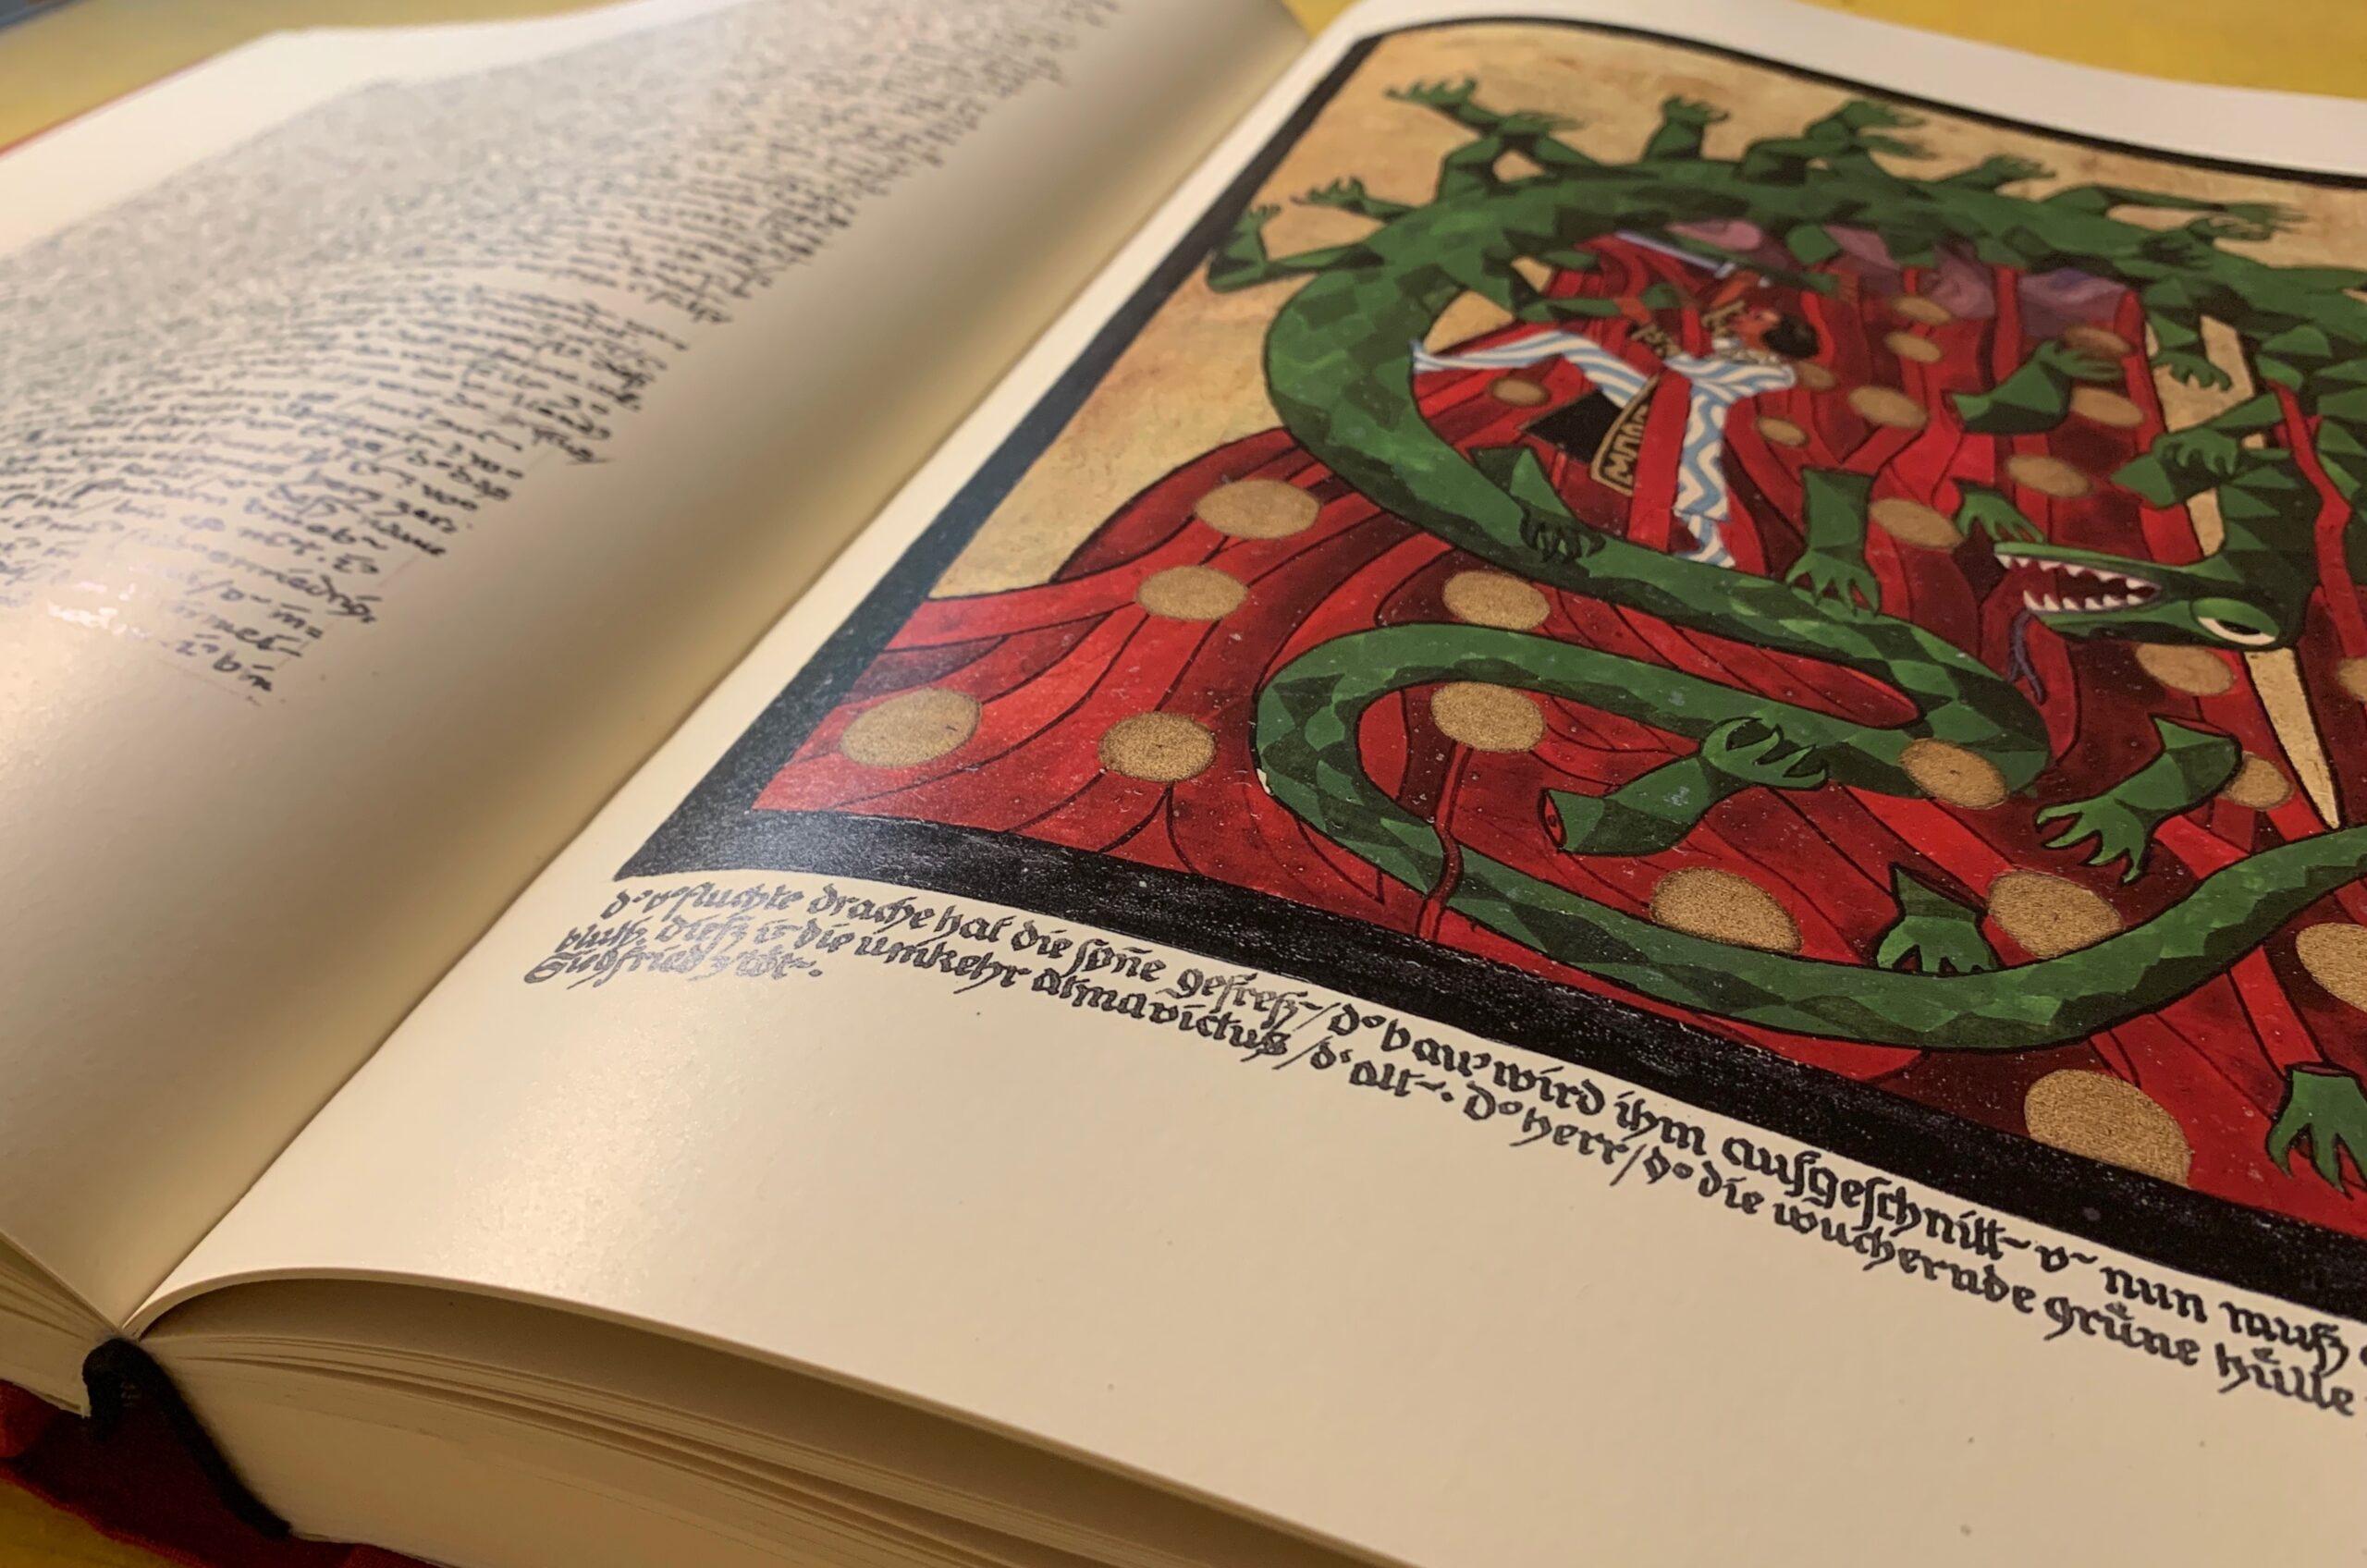 Especial: El libro rojo y sus fuentes